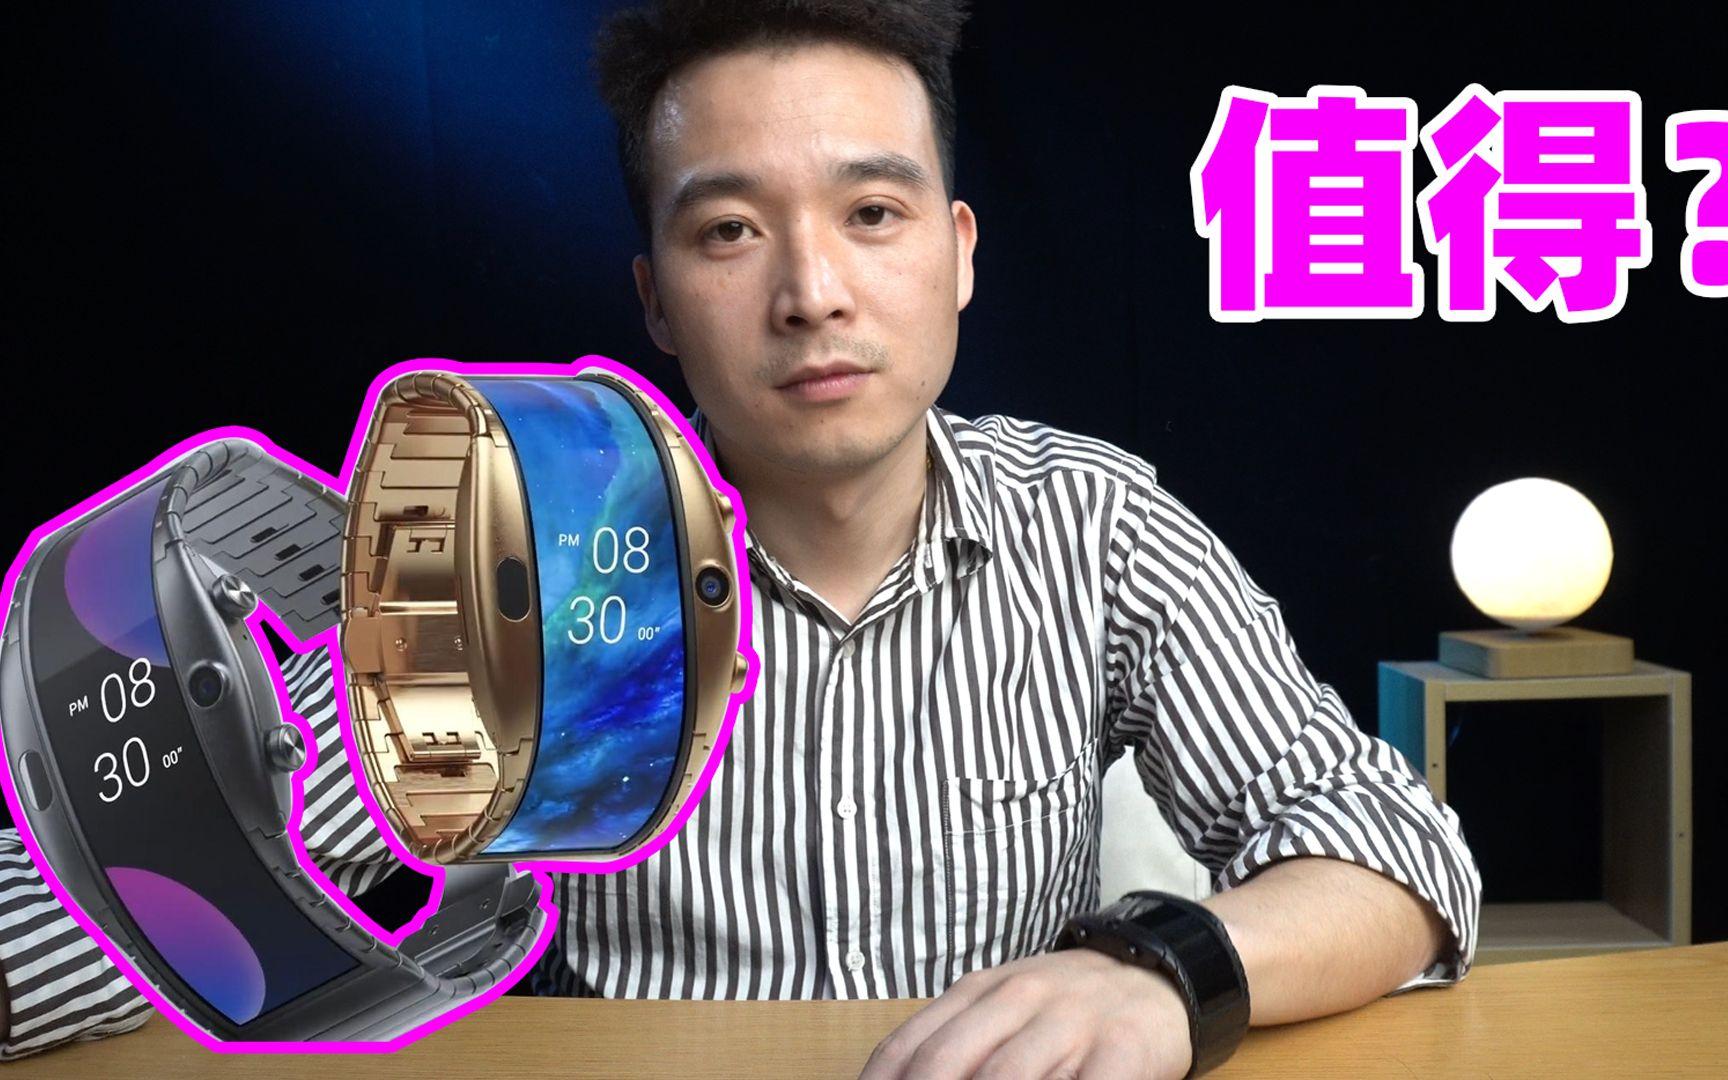 598买到一千八的智能手表, 还能刷视频玩游戏, 这波值吗? 努比亚手表